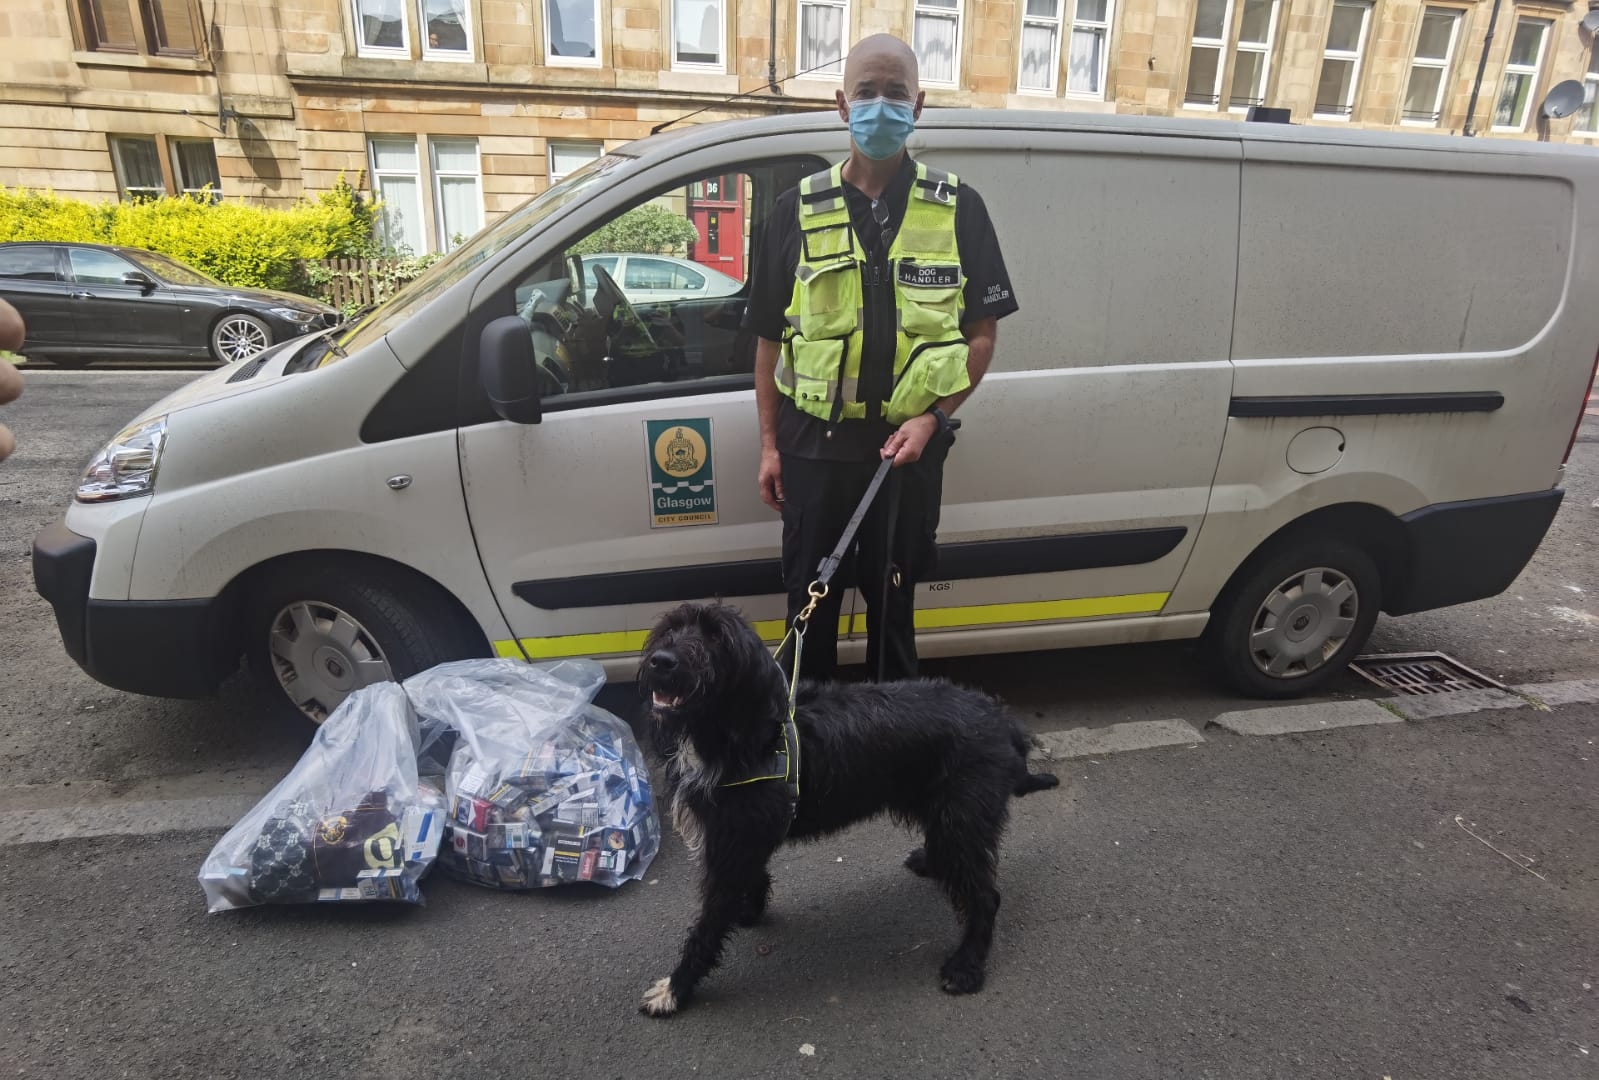 Govanhill illegal cigarettes raid sees Glasgow cops seize thousands